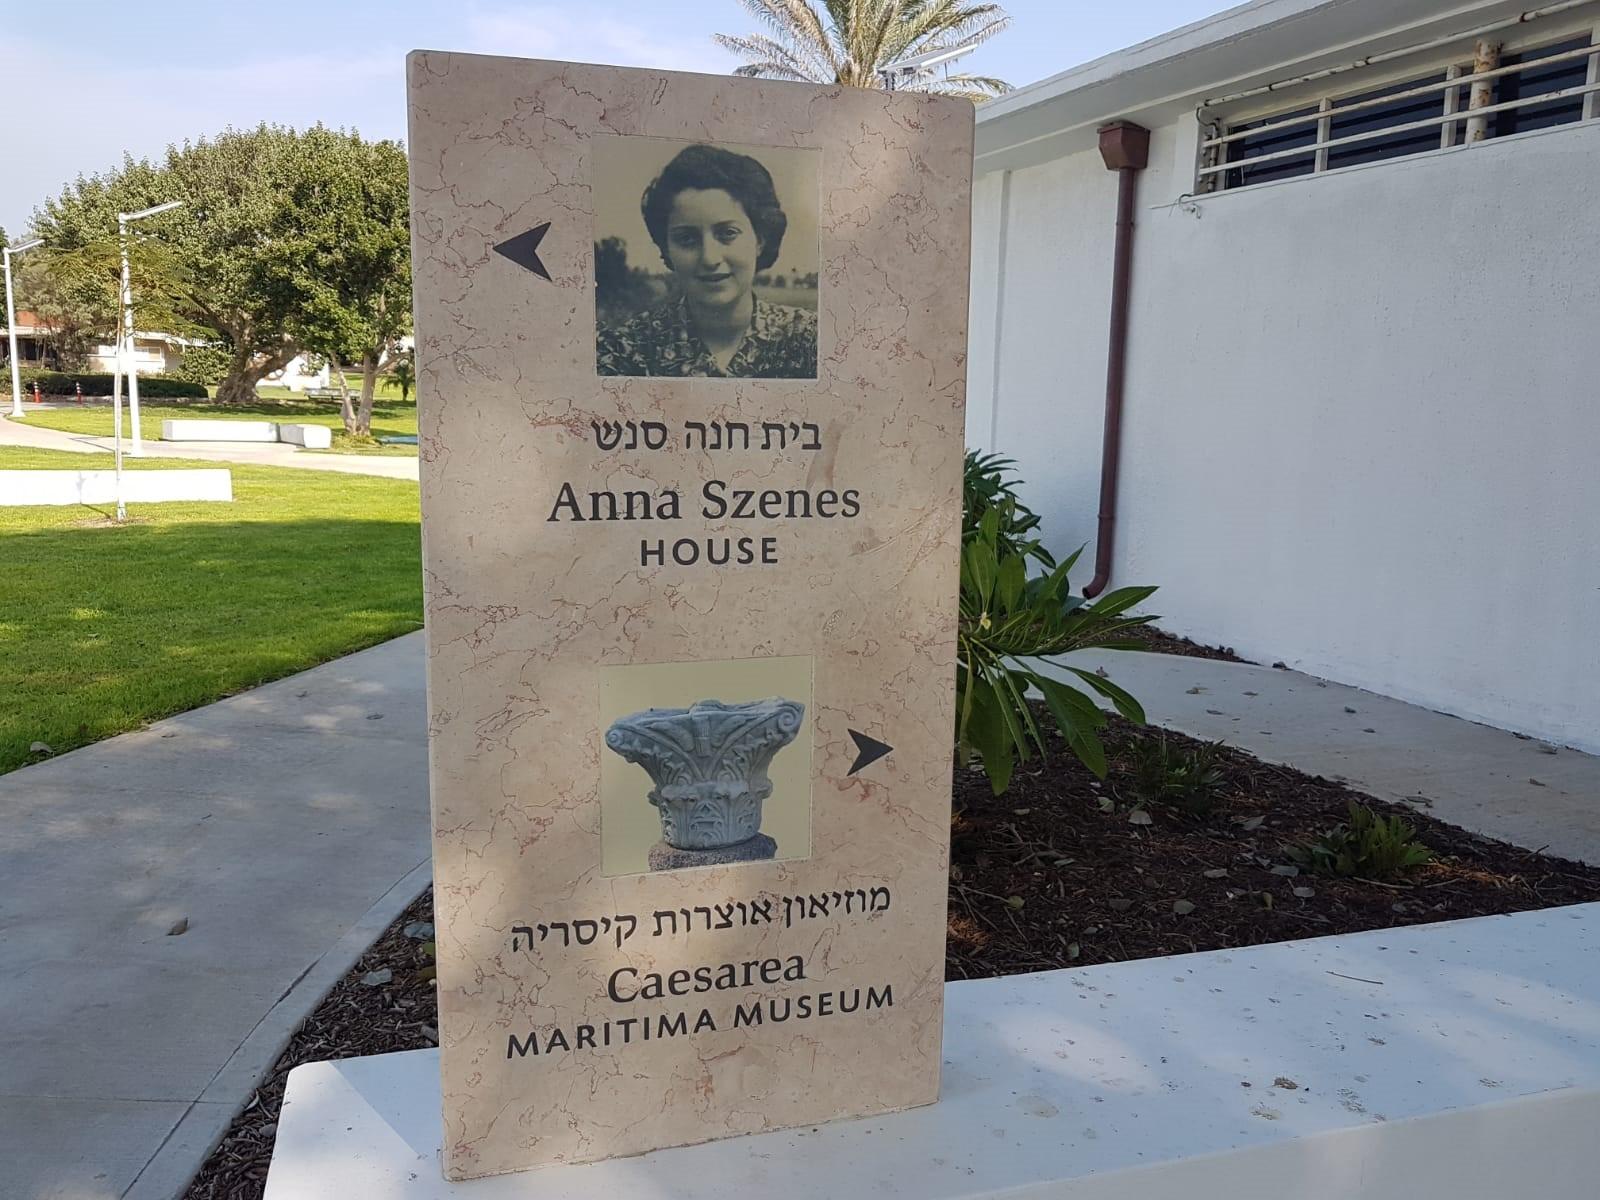 מוזיאון חנה סנש